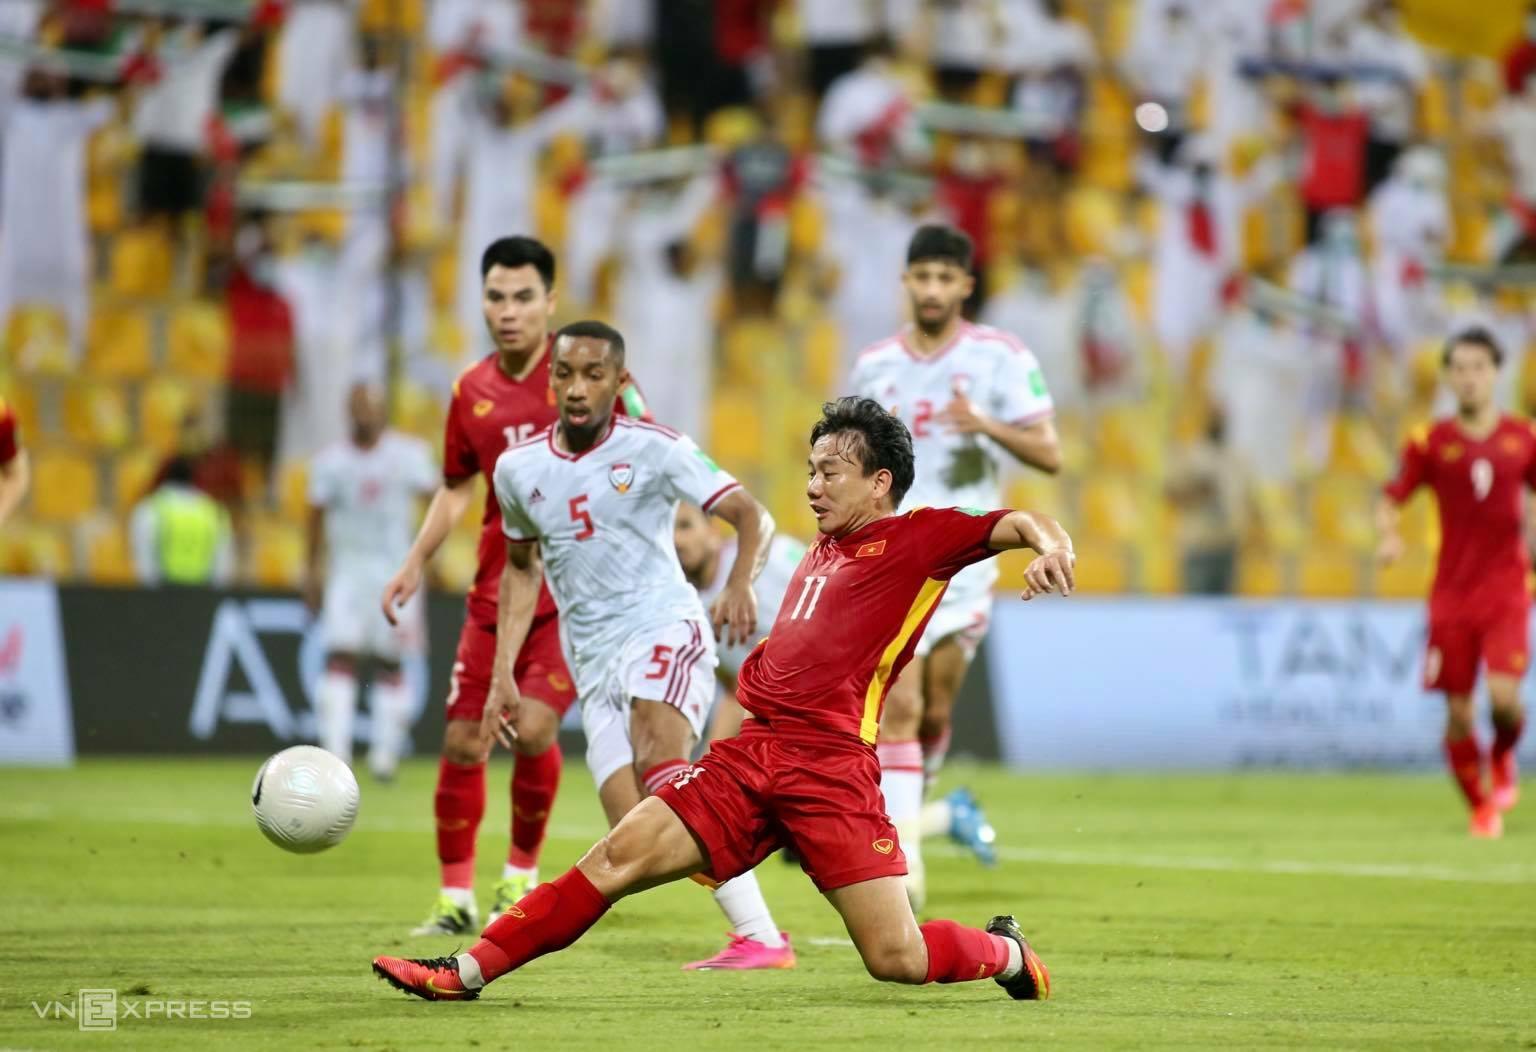 Minh Vương ghi bàn rút ngắn xuống 2-3 sau khi vào sân thay người trong hiệp hai. Ảnh: Lâm Thoả